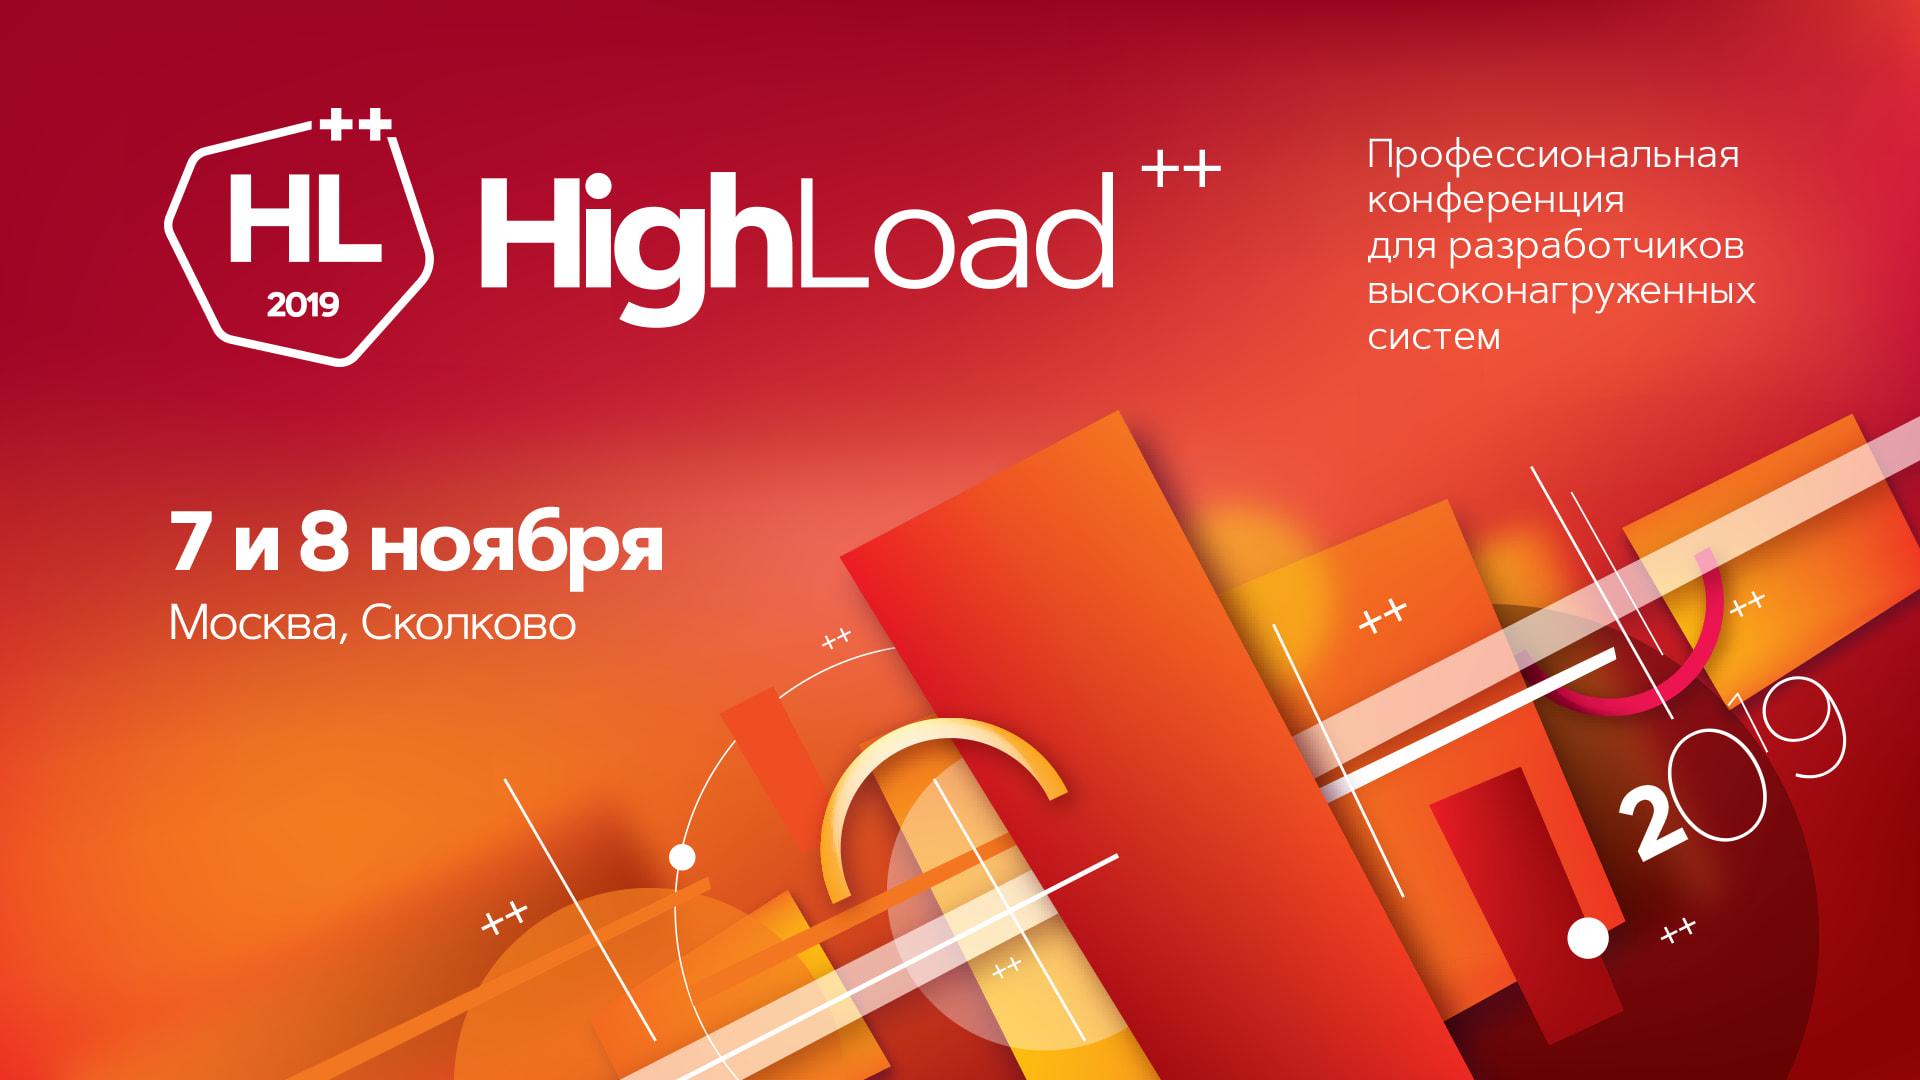 Спасти программиста Вову: как прошла HighLoad++ для стенда ivi